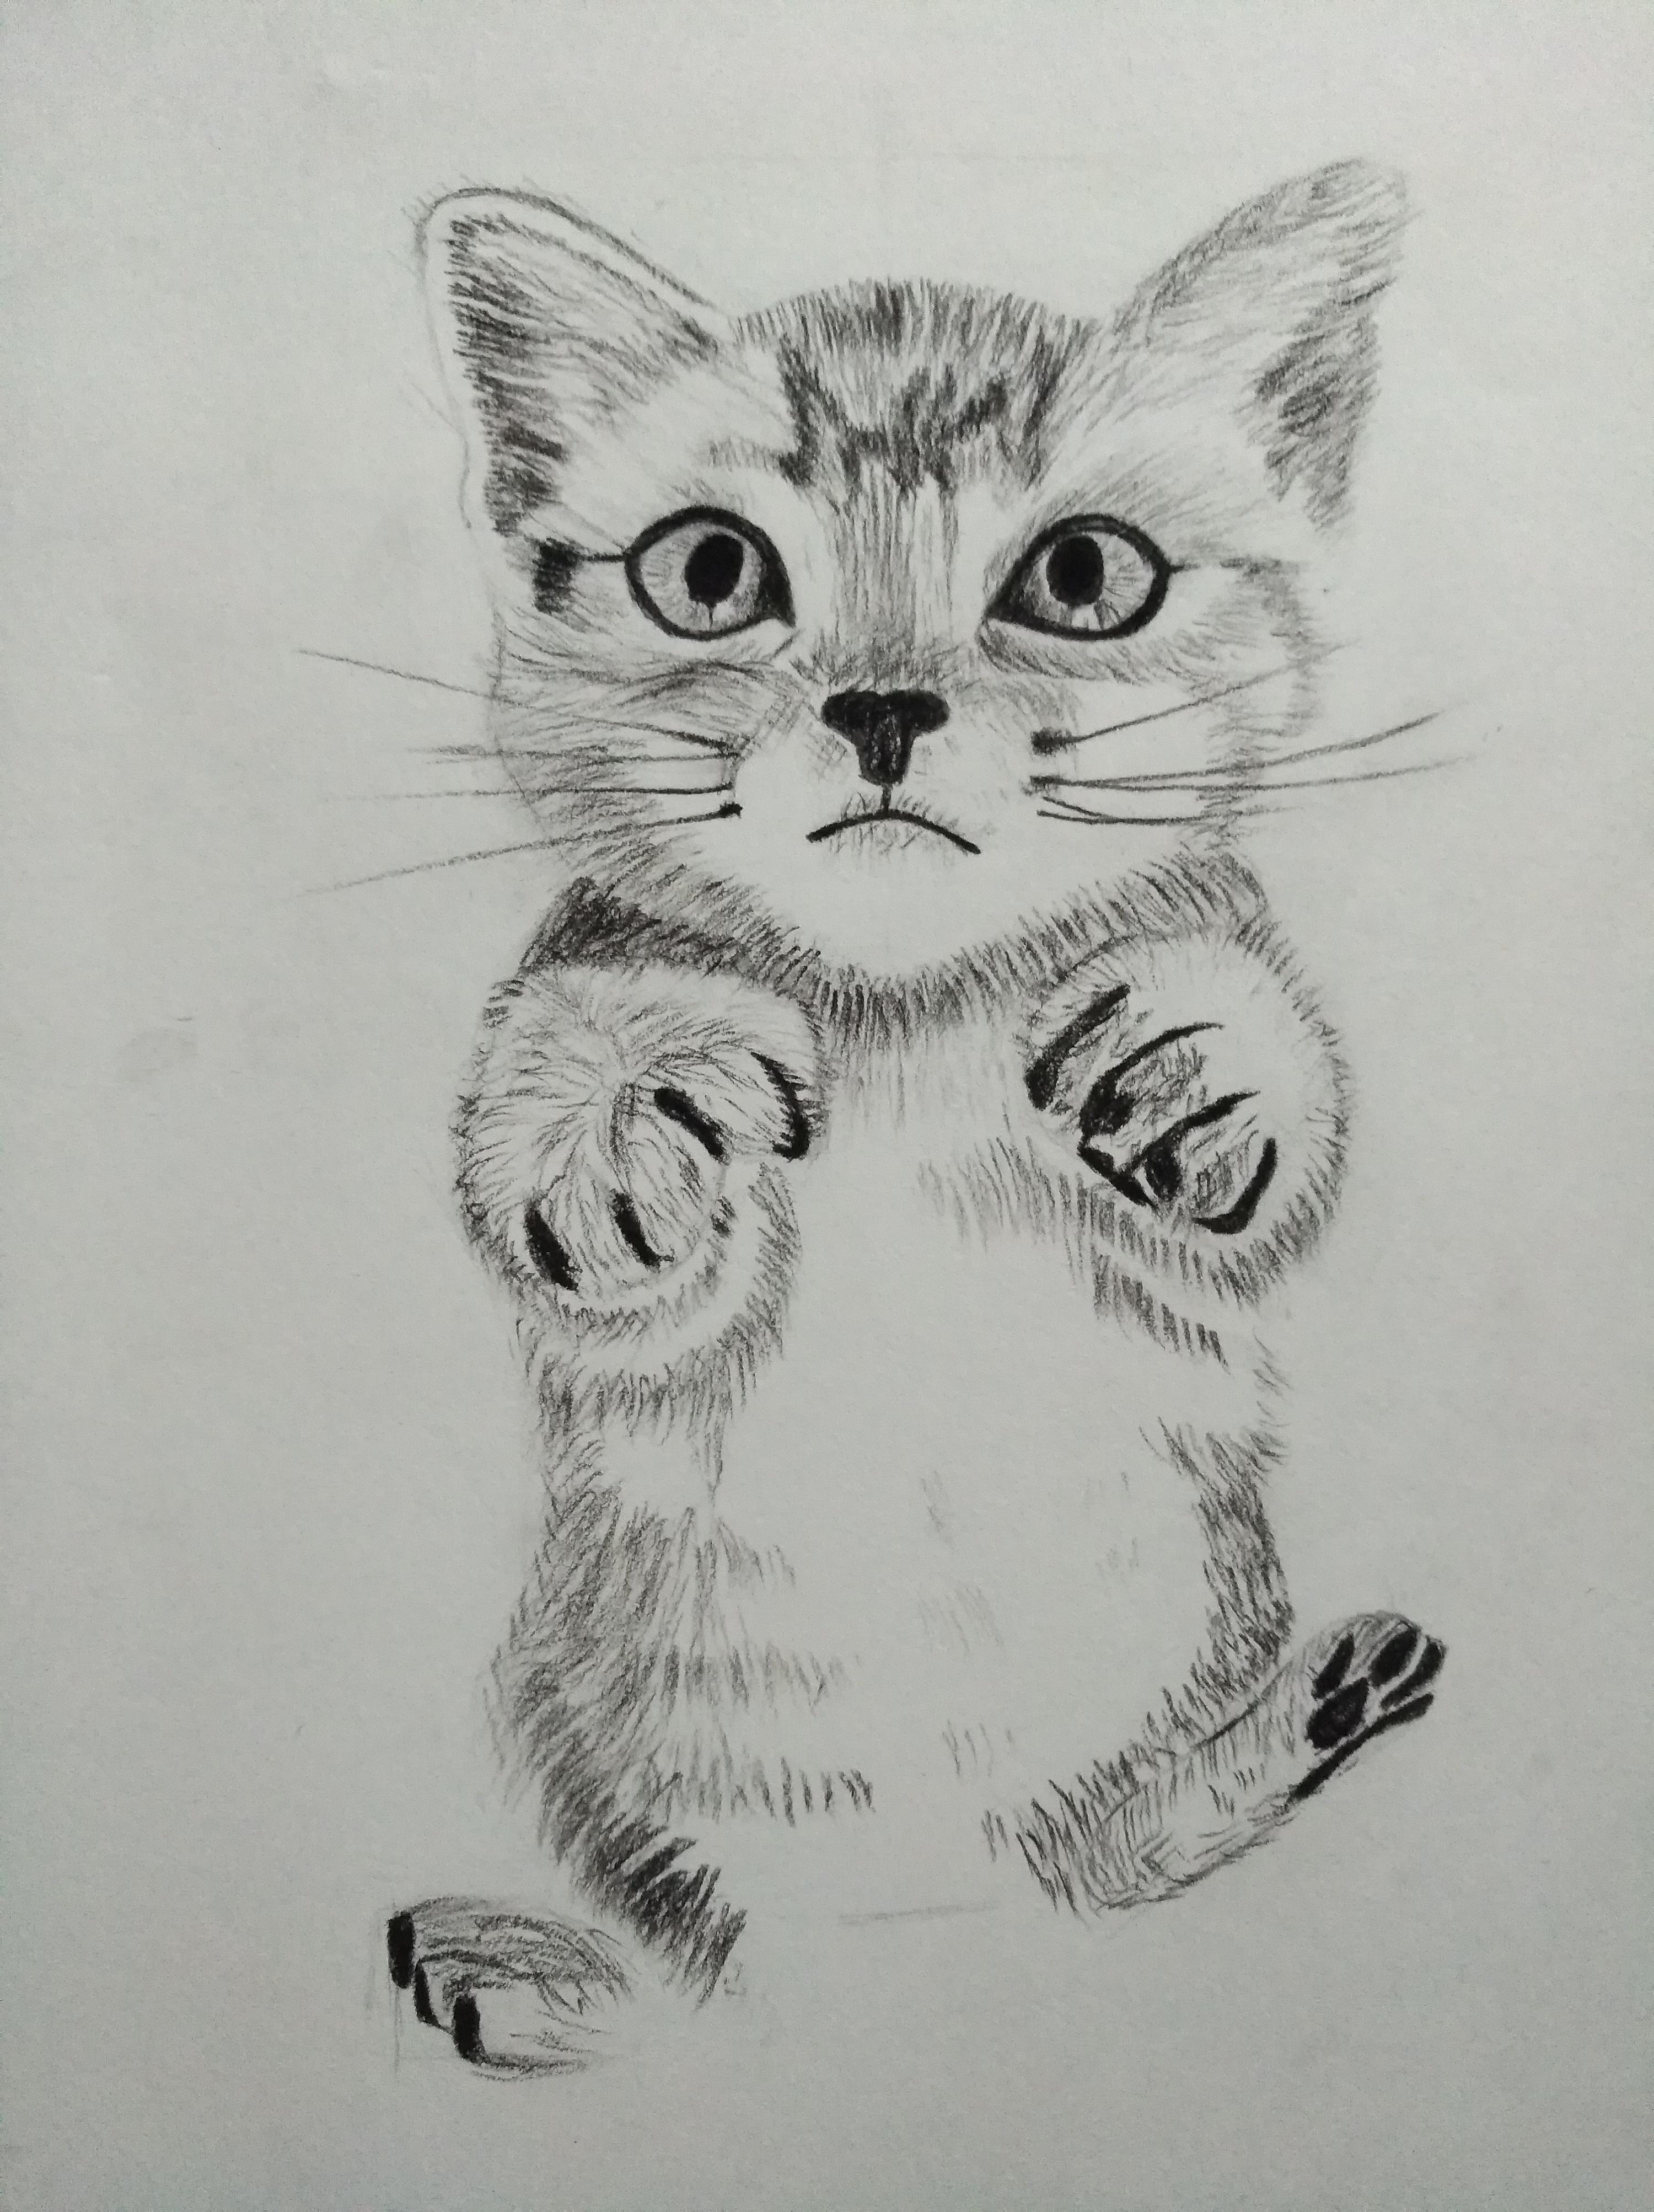 简笔画 手绘 素描 线稿 3000_4011 竖版 竖屏